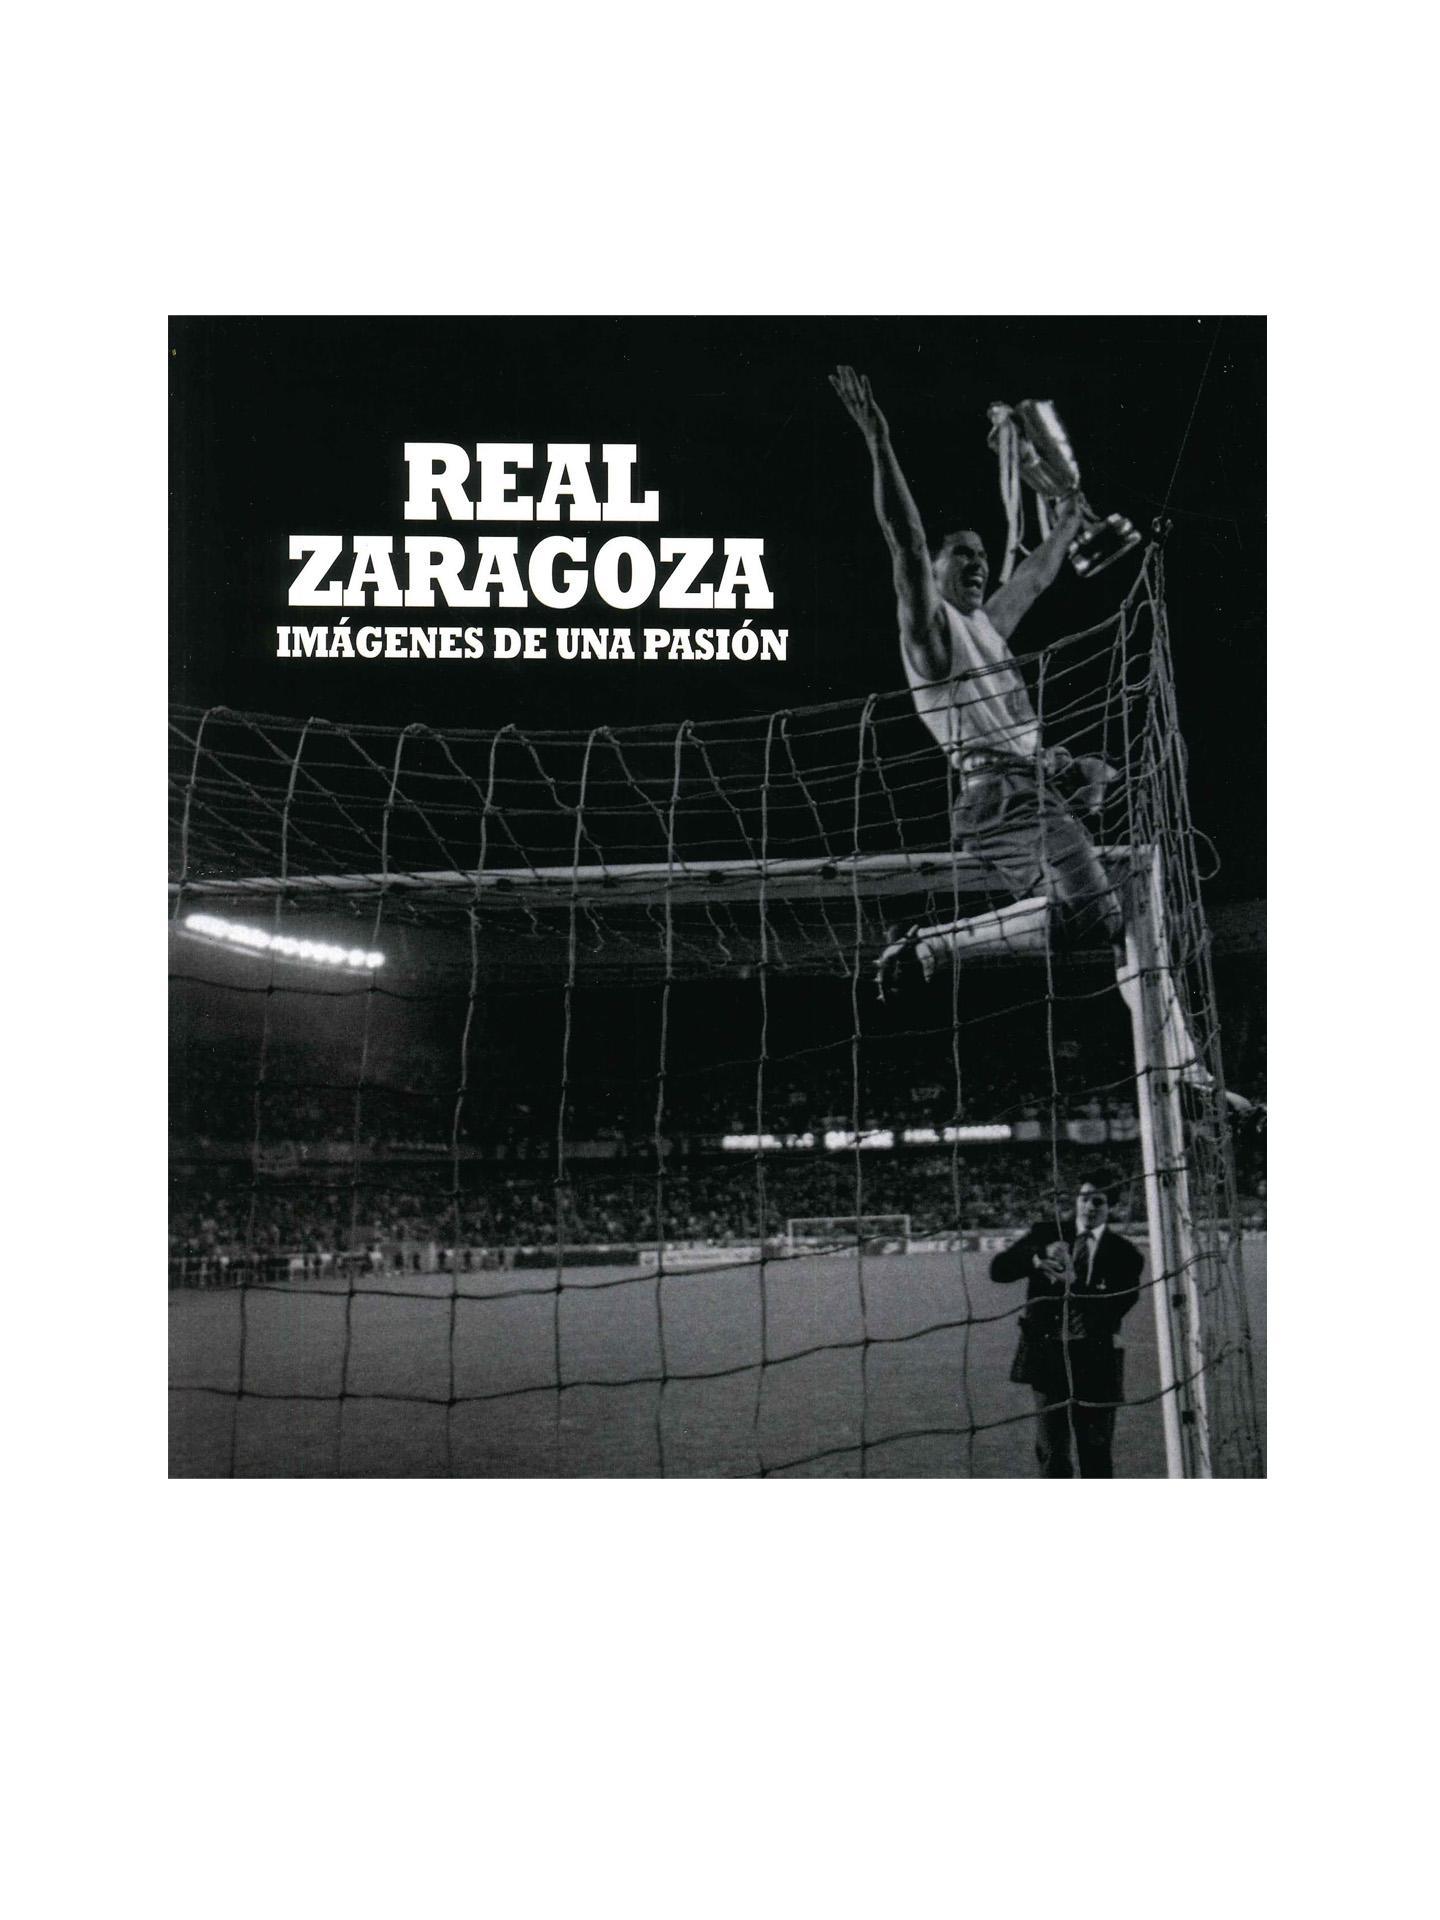 Libro ´Real Zaragoza Imágenes de una Pasión`